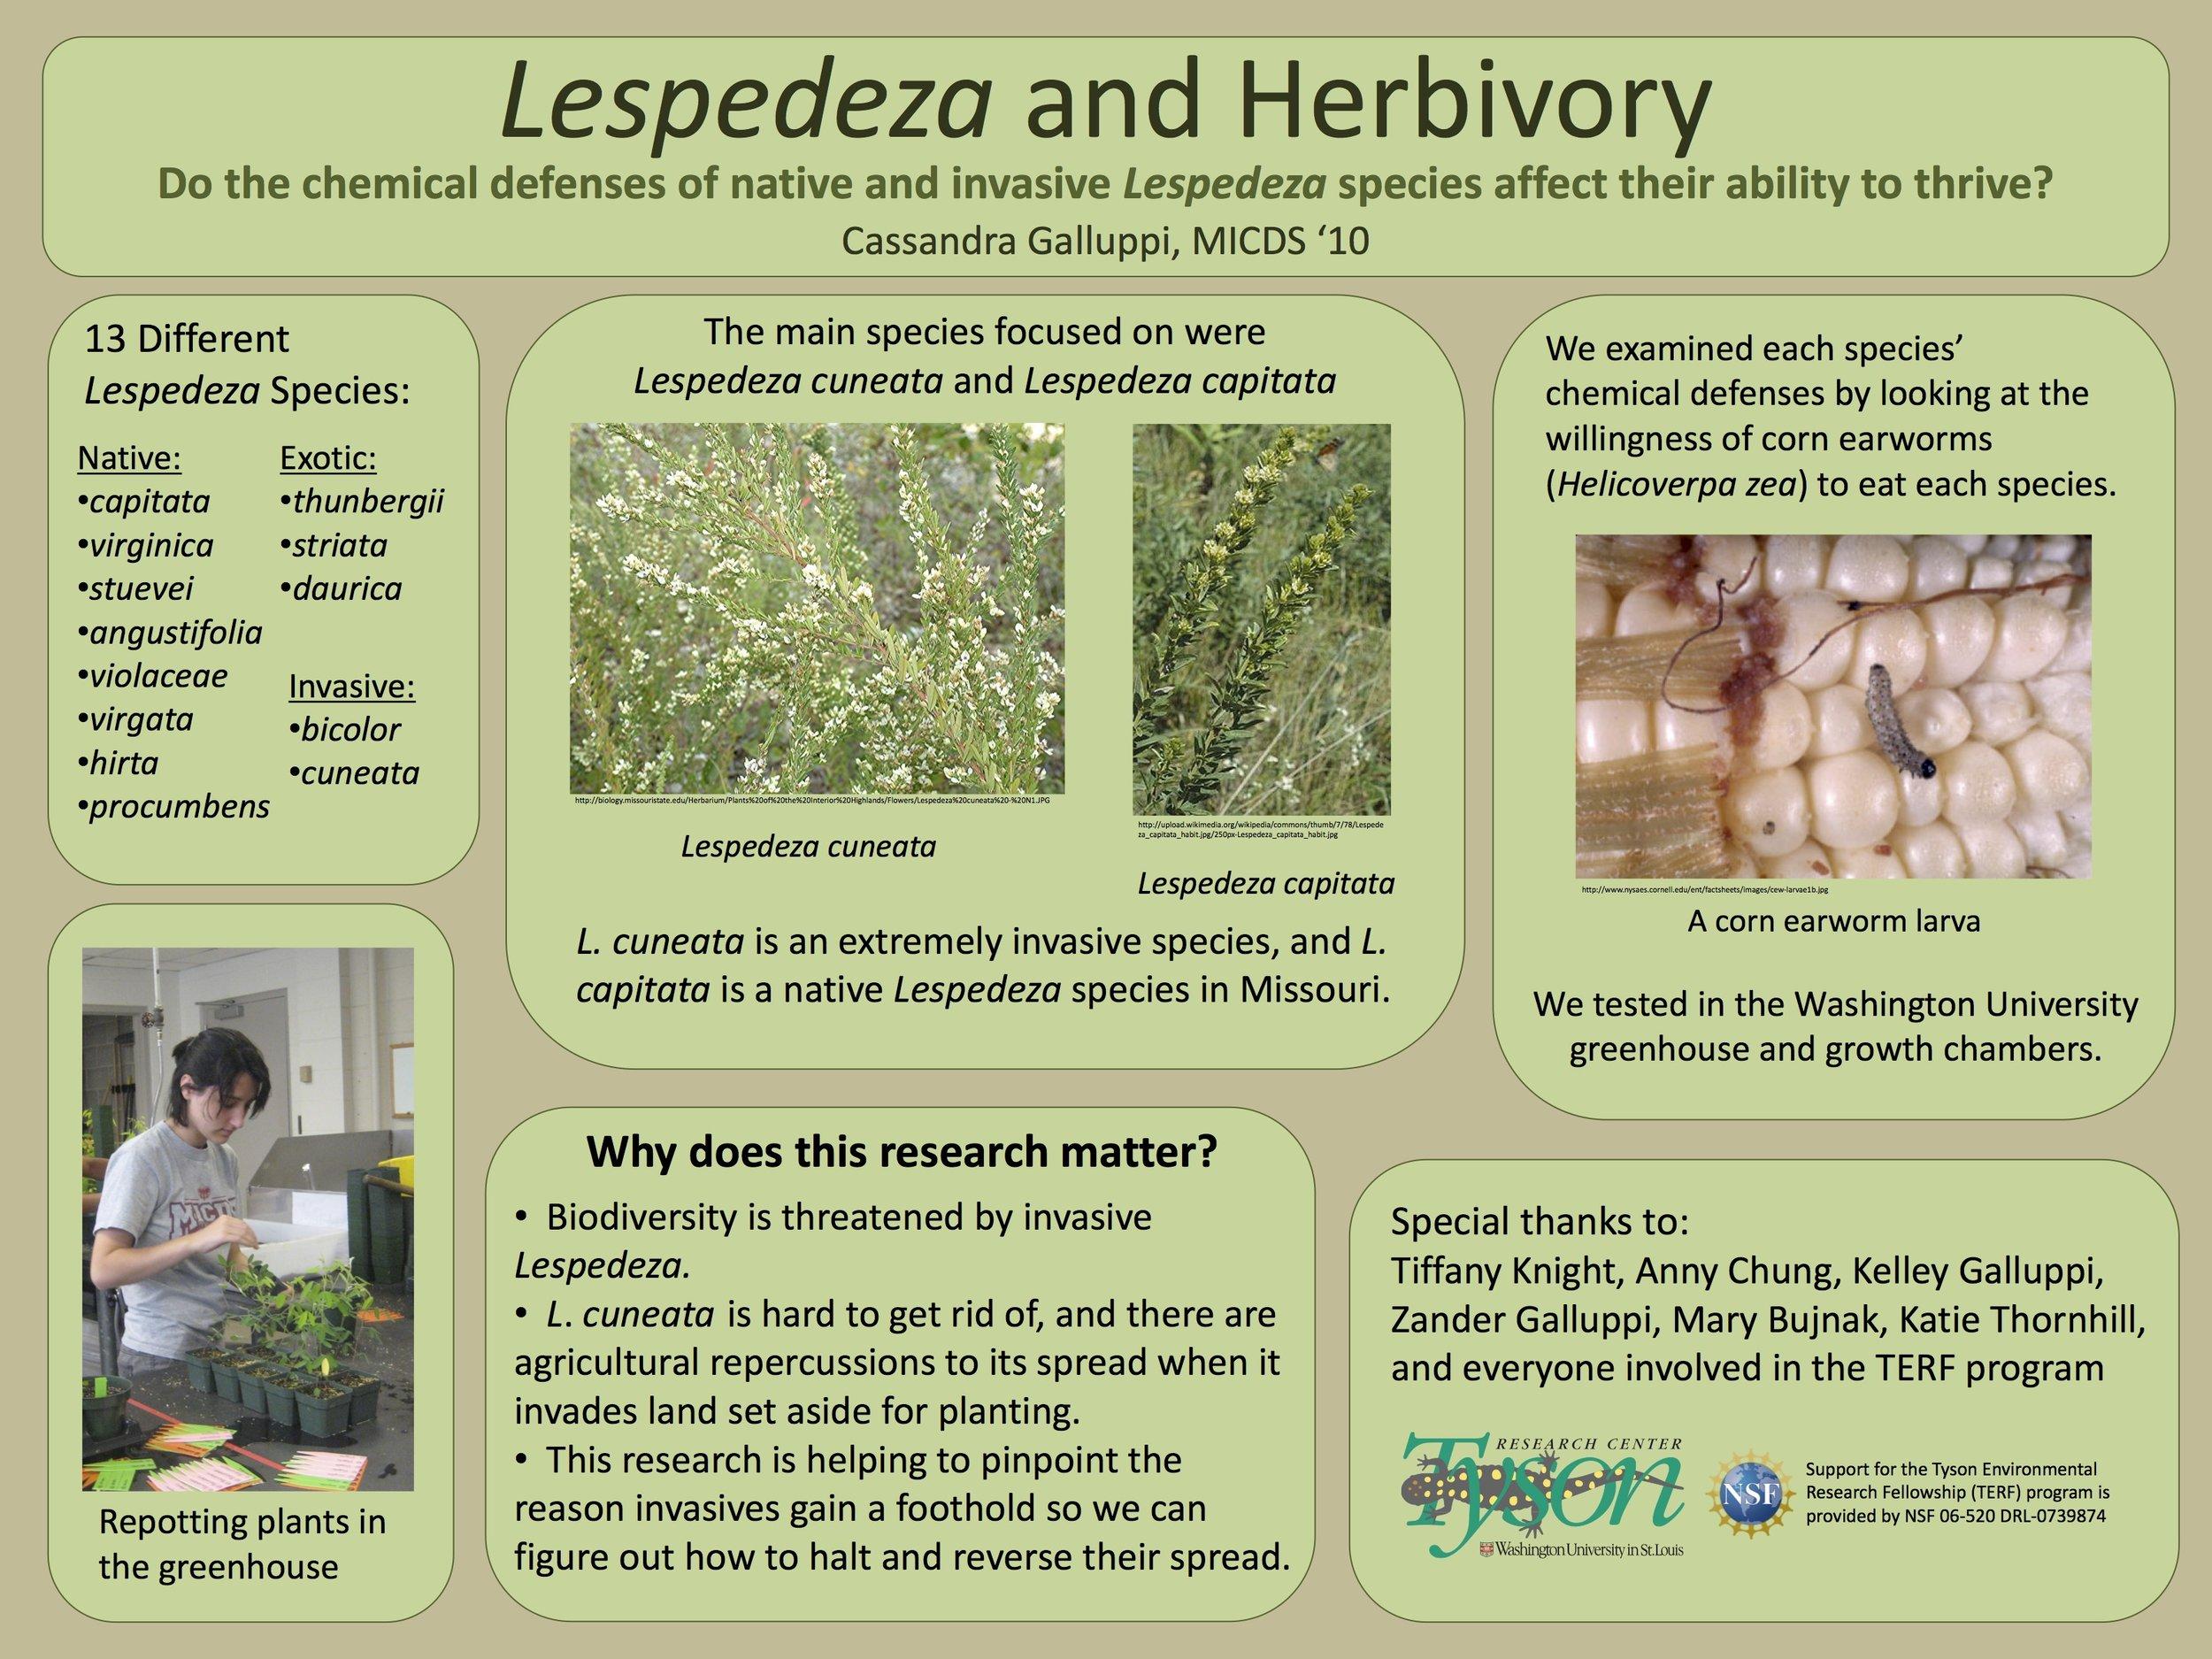 TERF 2009 Lespedeza poster.jpg